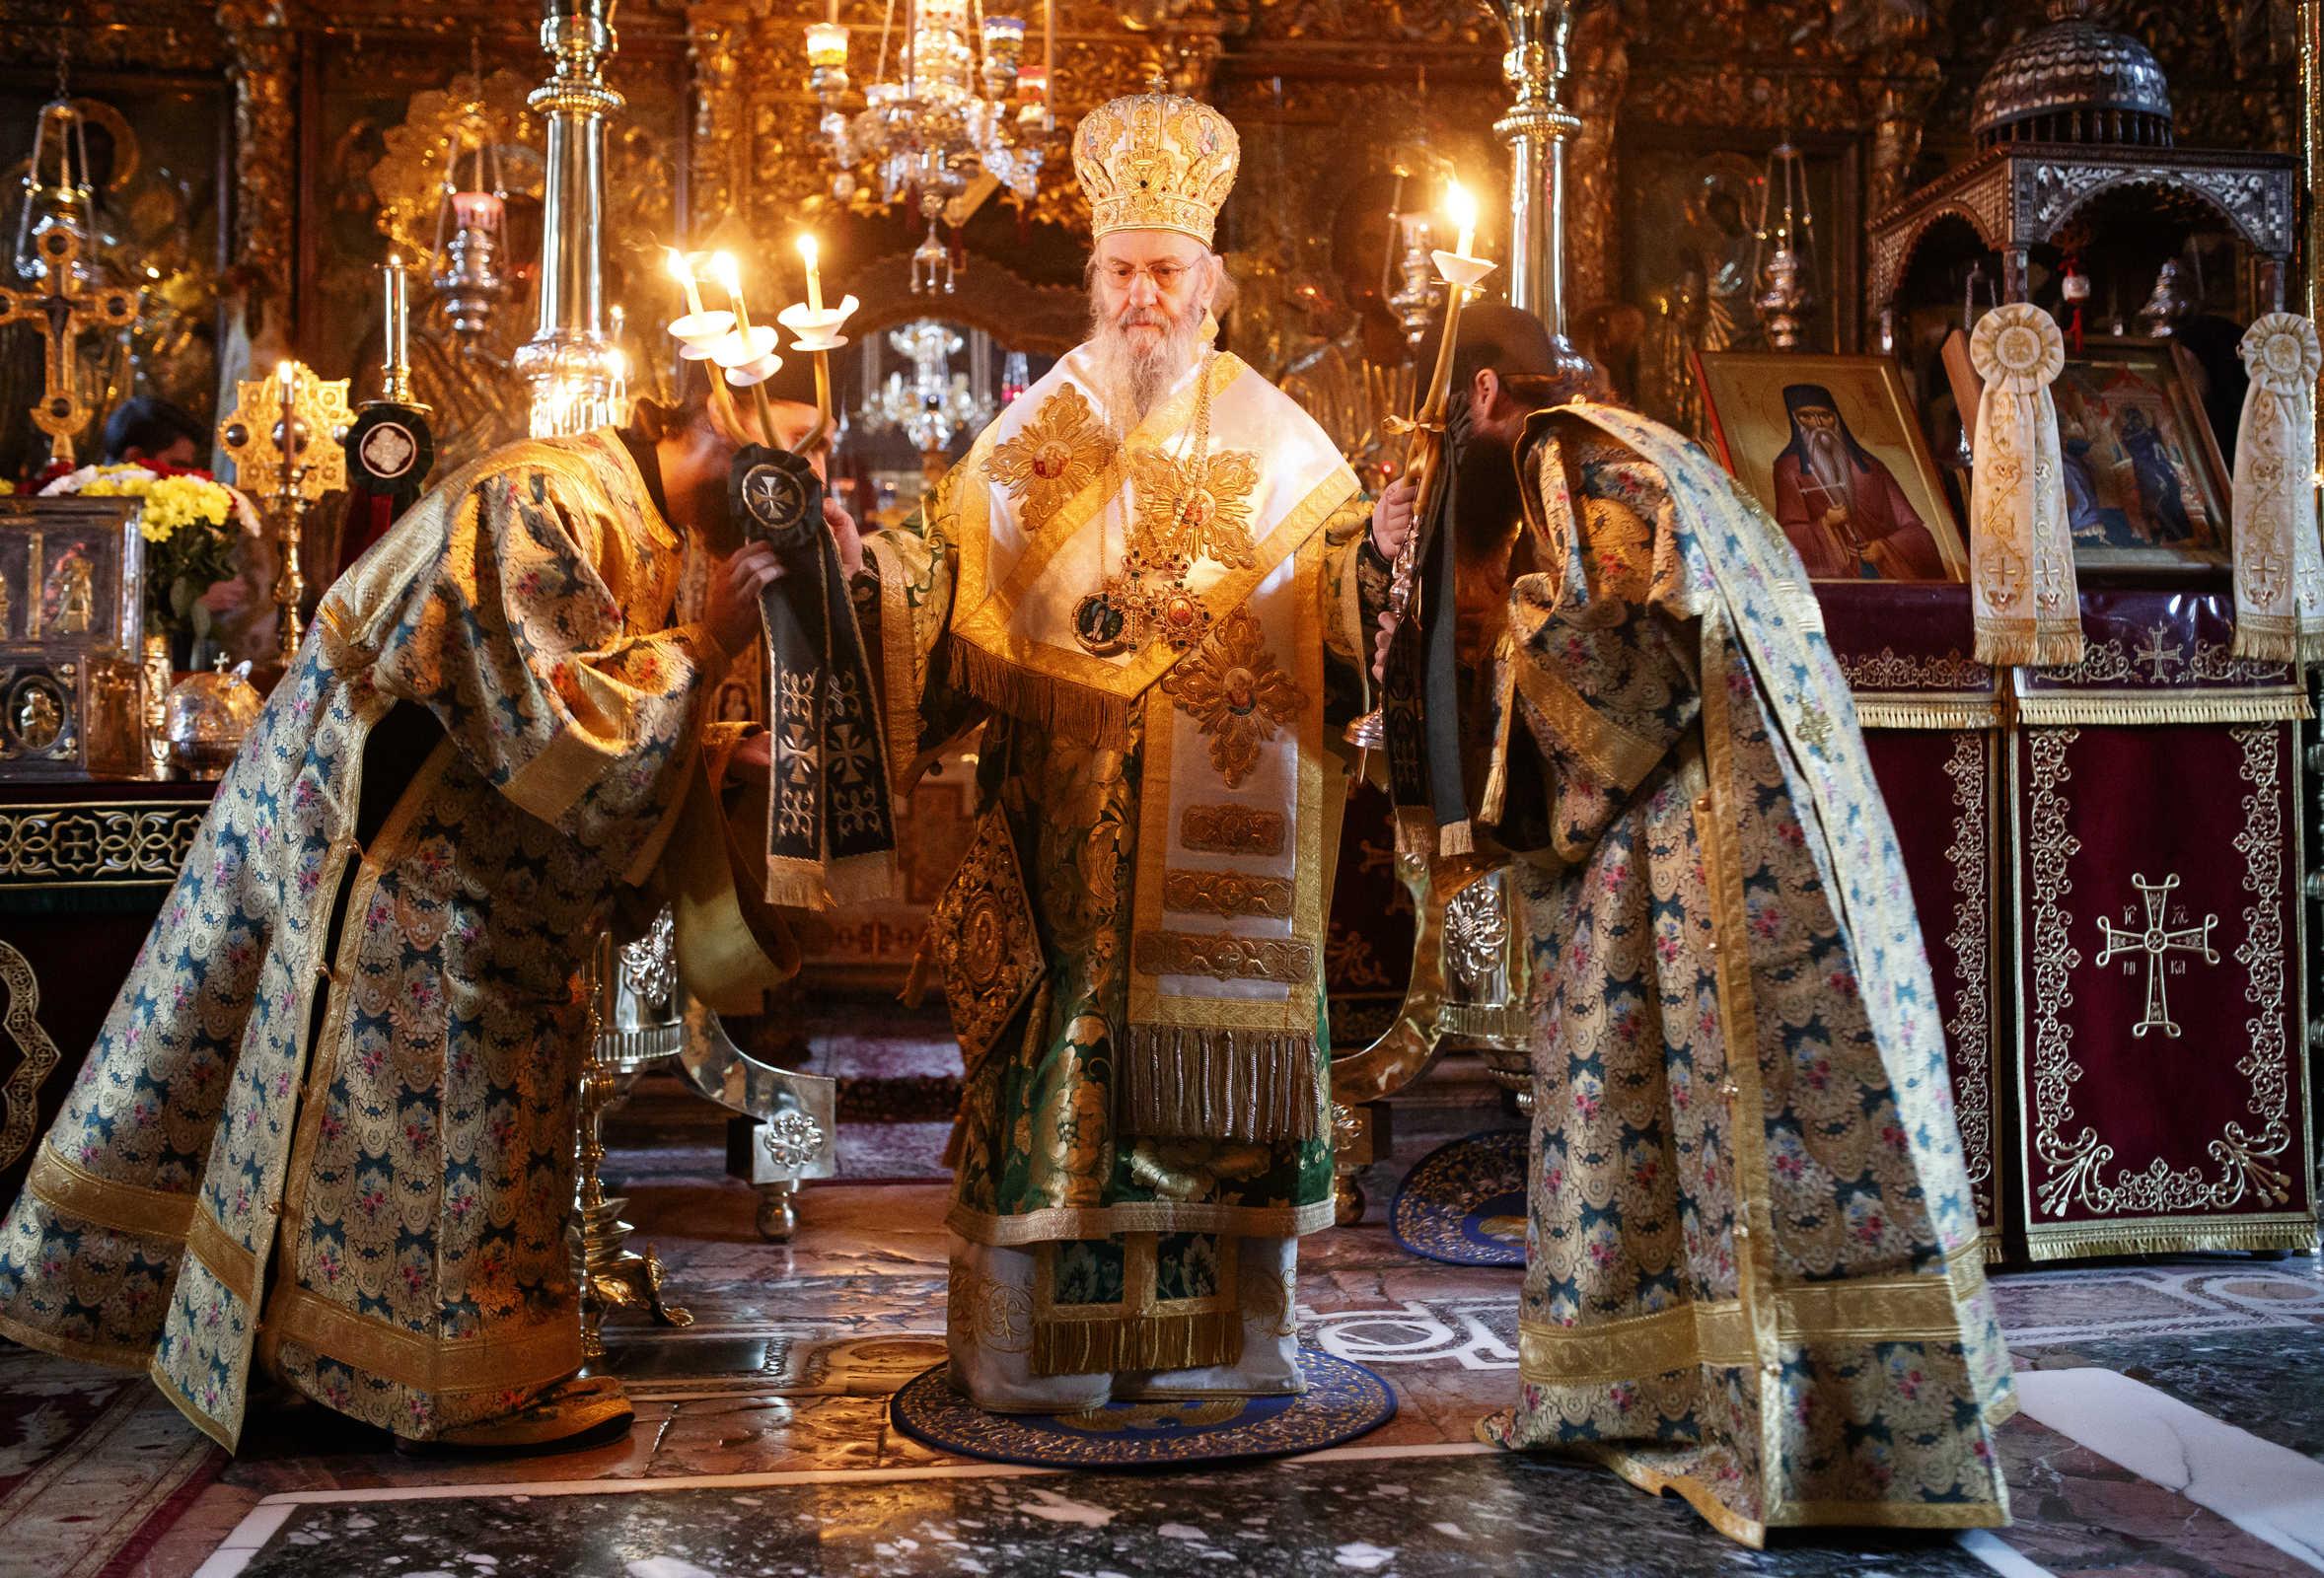 The orthodox bishop